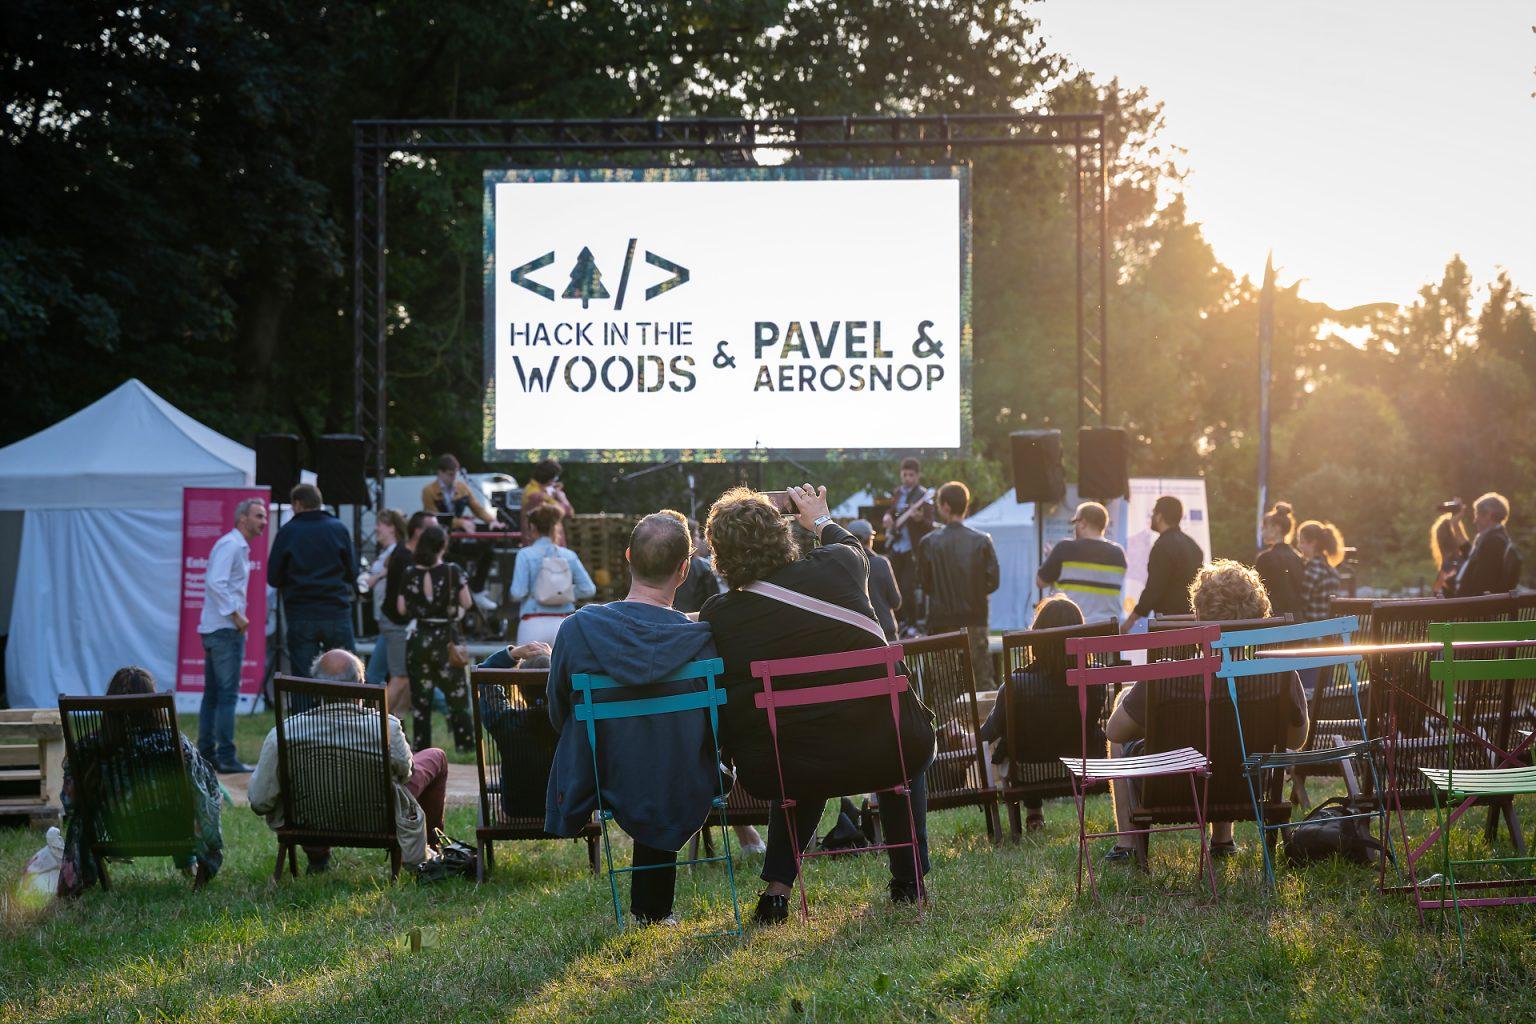 Concert de Pavel & Aerosnop au festival Hack in the Woods 2019 par Aurore Delsoir photographe corporate